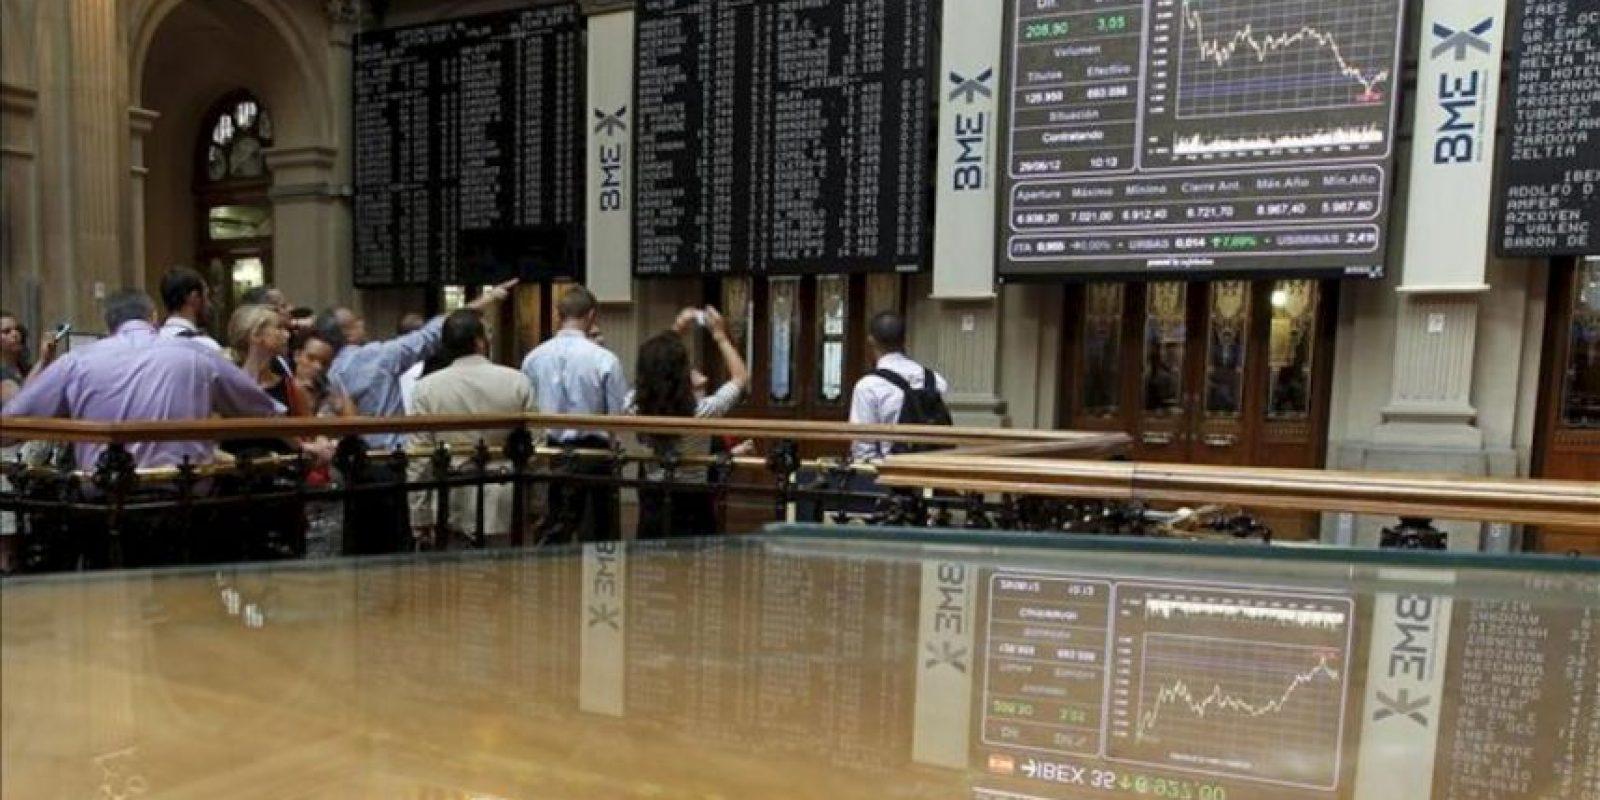 Un grupo de visitantes ante los paneles informativos de la Bolsa de Madrid que muestran distintos índices de cotización entre ellos el principal selectivo español, el IBEX 35, que comenzó la sesión con un fuerte repunte tras los acuerdos alcanzados esta madrugada en Bruselas por los líderes europeos para recapitalizar directamente a los bancos. EFE